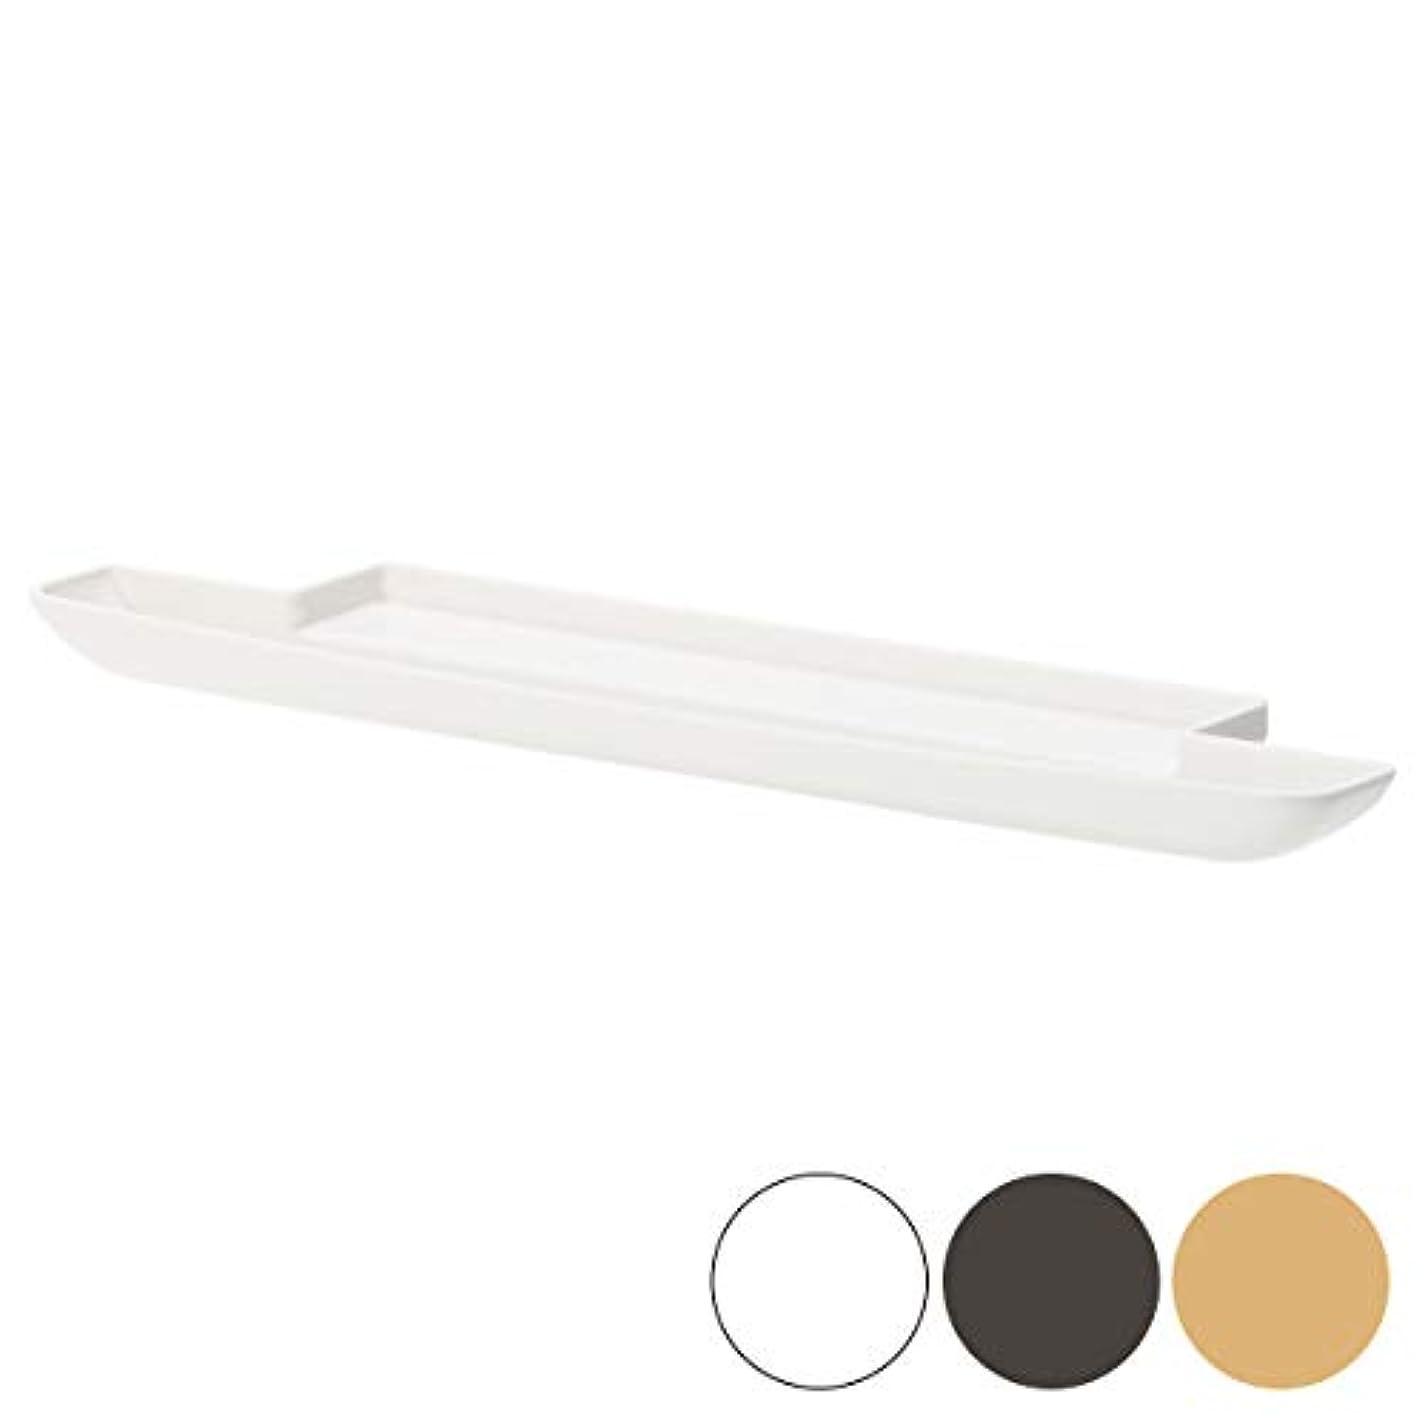 事実淡い常習的C-080 タオルウォーマー用水受け 全3色 ホワイト [ 備品 タオルウォーマー タオル蒸し器 おしぼり蒸し器 タオルスチーマー ホットボックス タオル おしぼり ウォーマー スチーマー 小型 業務用 保温器 ]